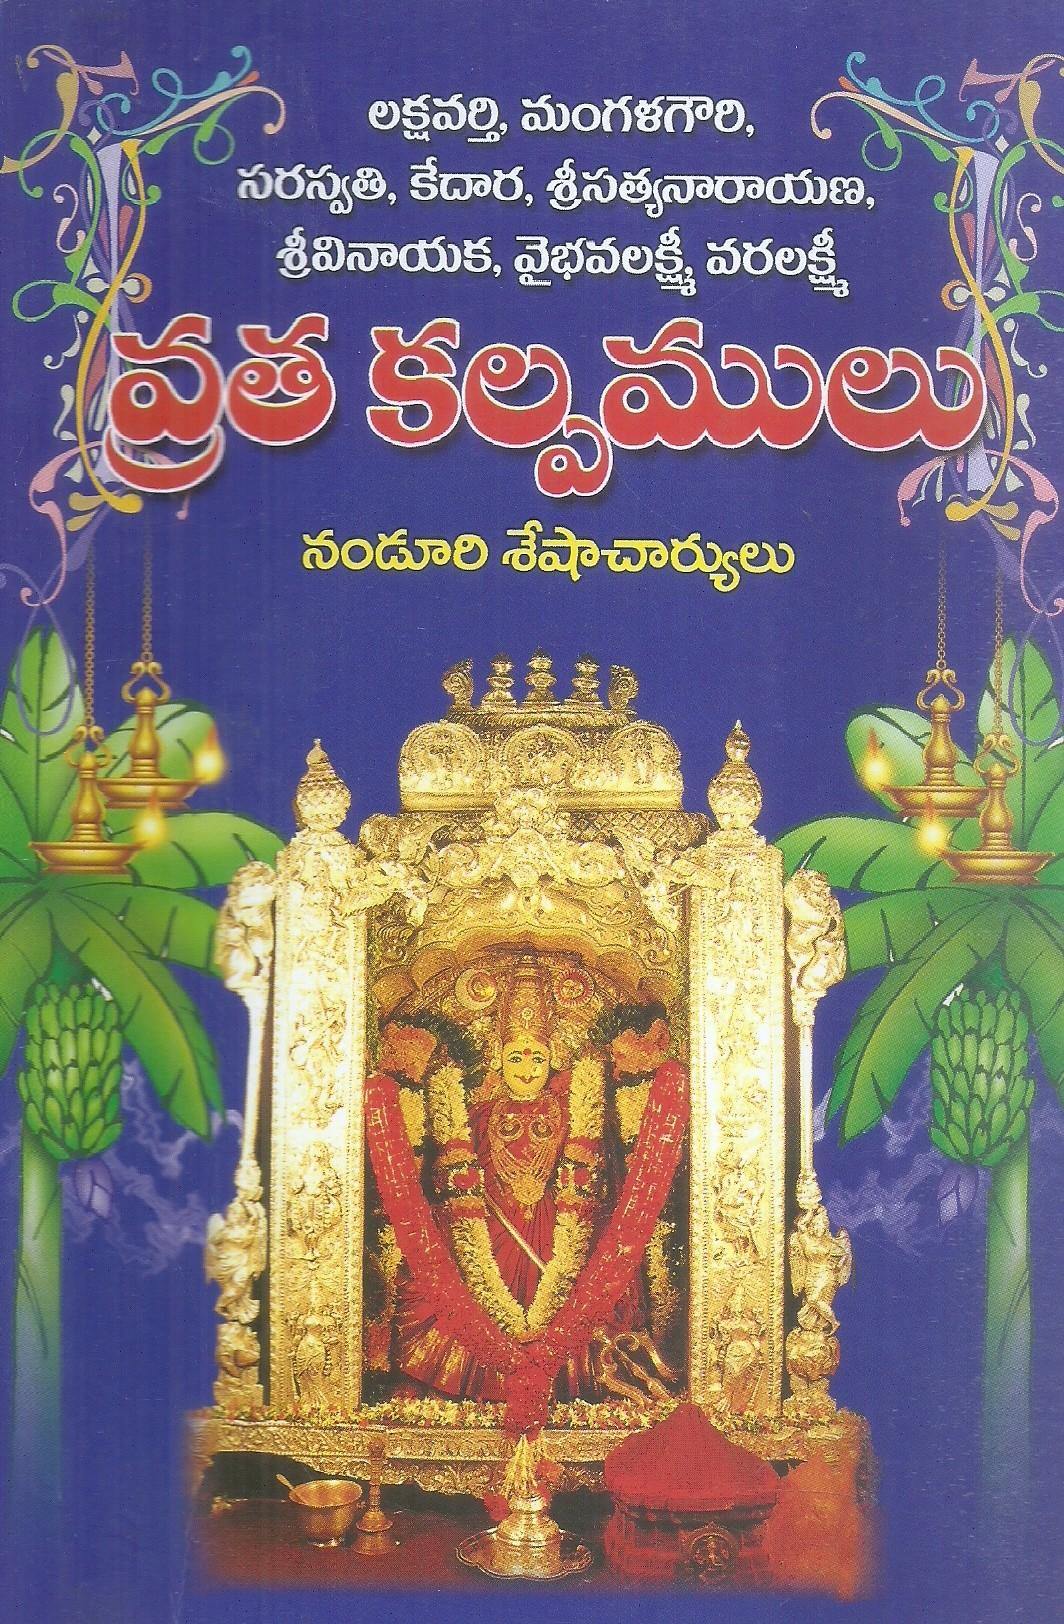 Lakshmivarthi, Mangalagouri, Sarasvathi, Kedara, Sri Satyanarayana, Sri Vinayaka, Vaibhavalakshmi, Varalakshmi Vratha Kalpamulu